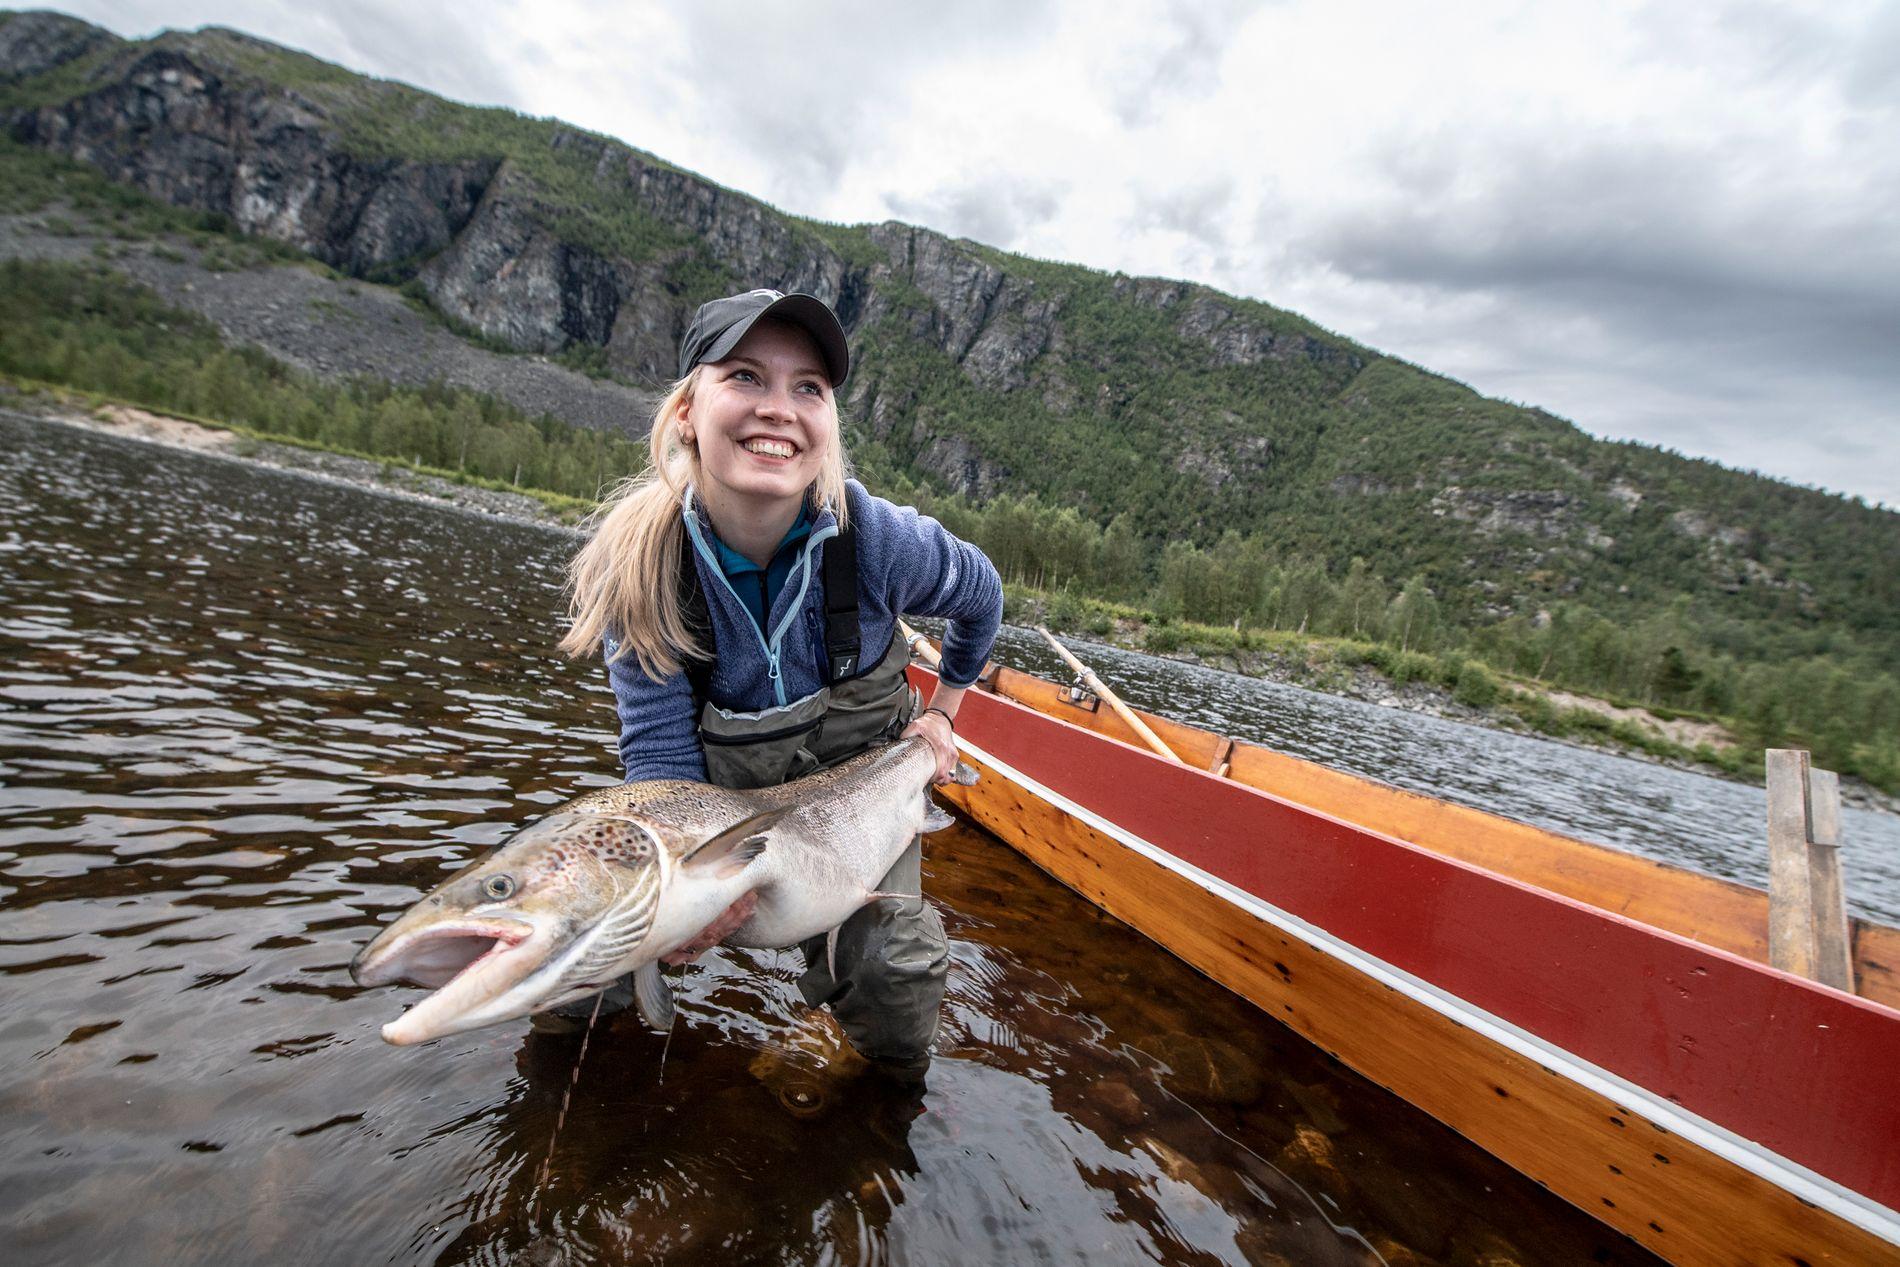 – Jeg er så glad og sliten i armene, sier Marianne Haukland med sin første Alta-laks på rundt 10 kilo. Noe som for øvrig ikke regnes som så stor laks i nord, til tross for at storlaks er all laks over syv kilo på landsbasis.